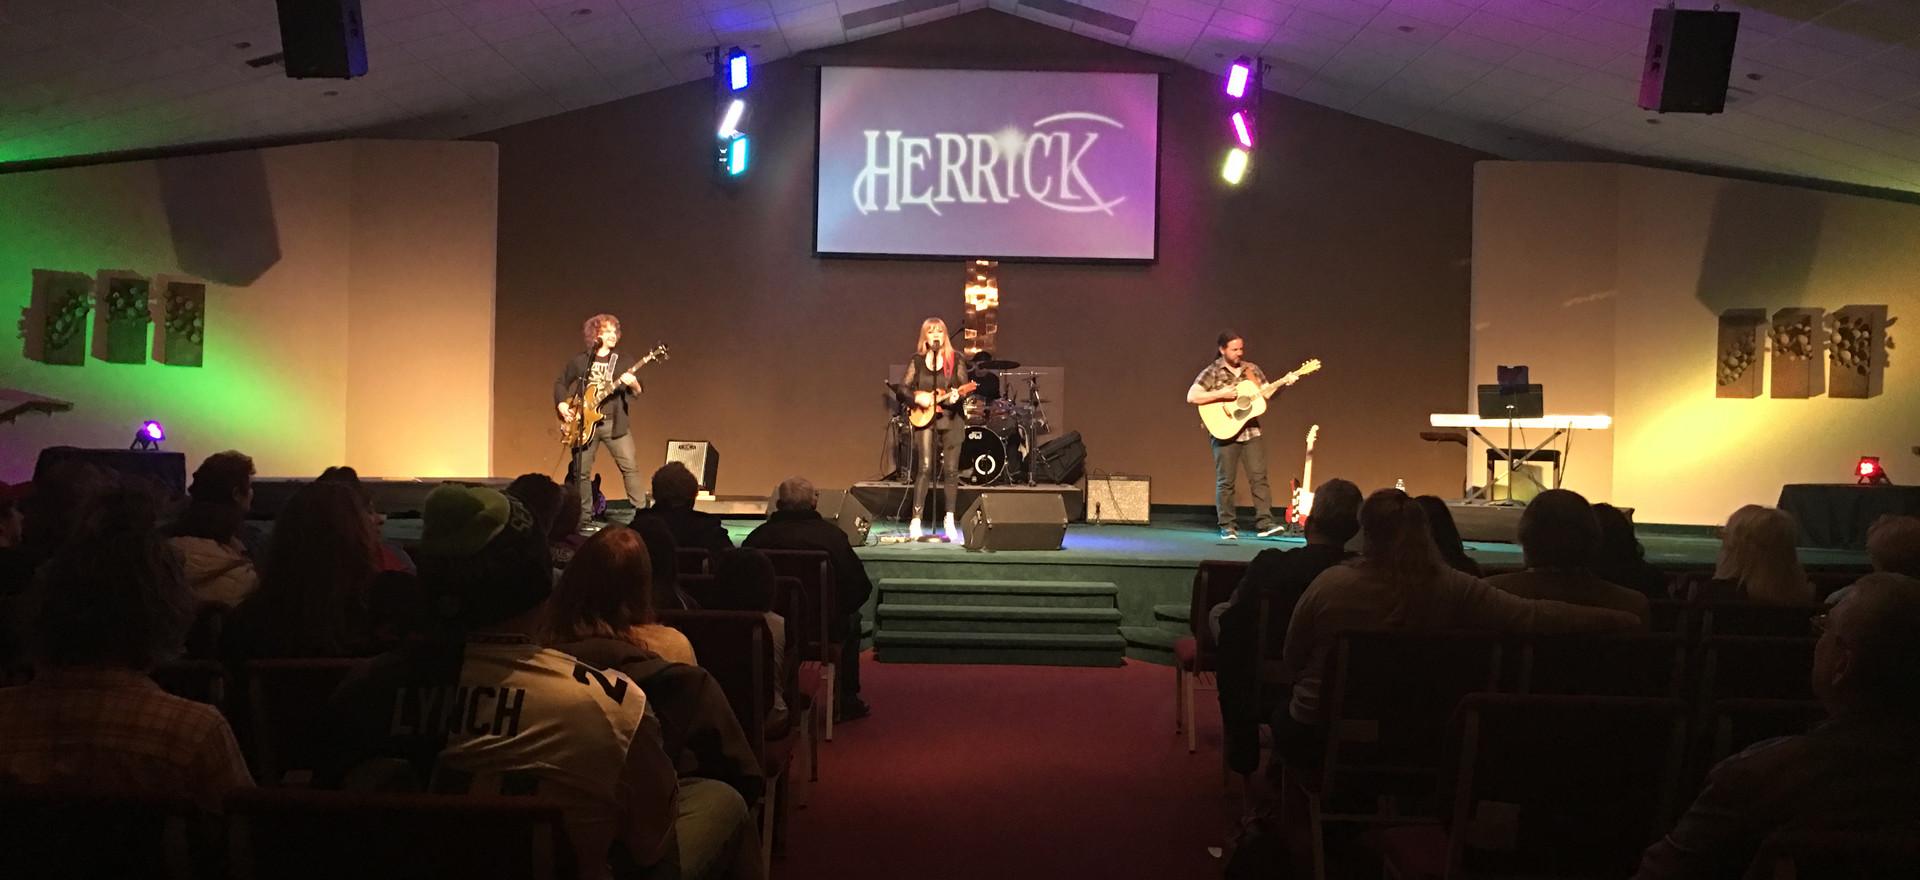 Herrick-Live11.JPG